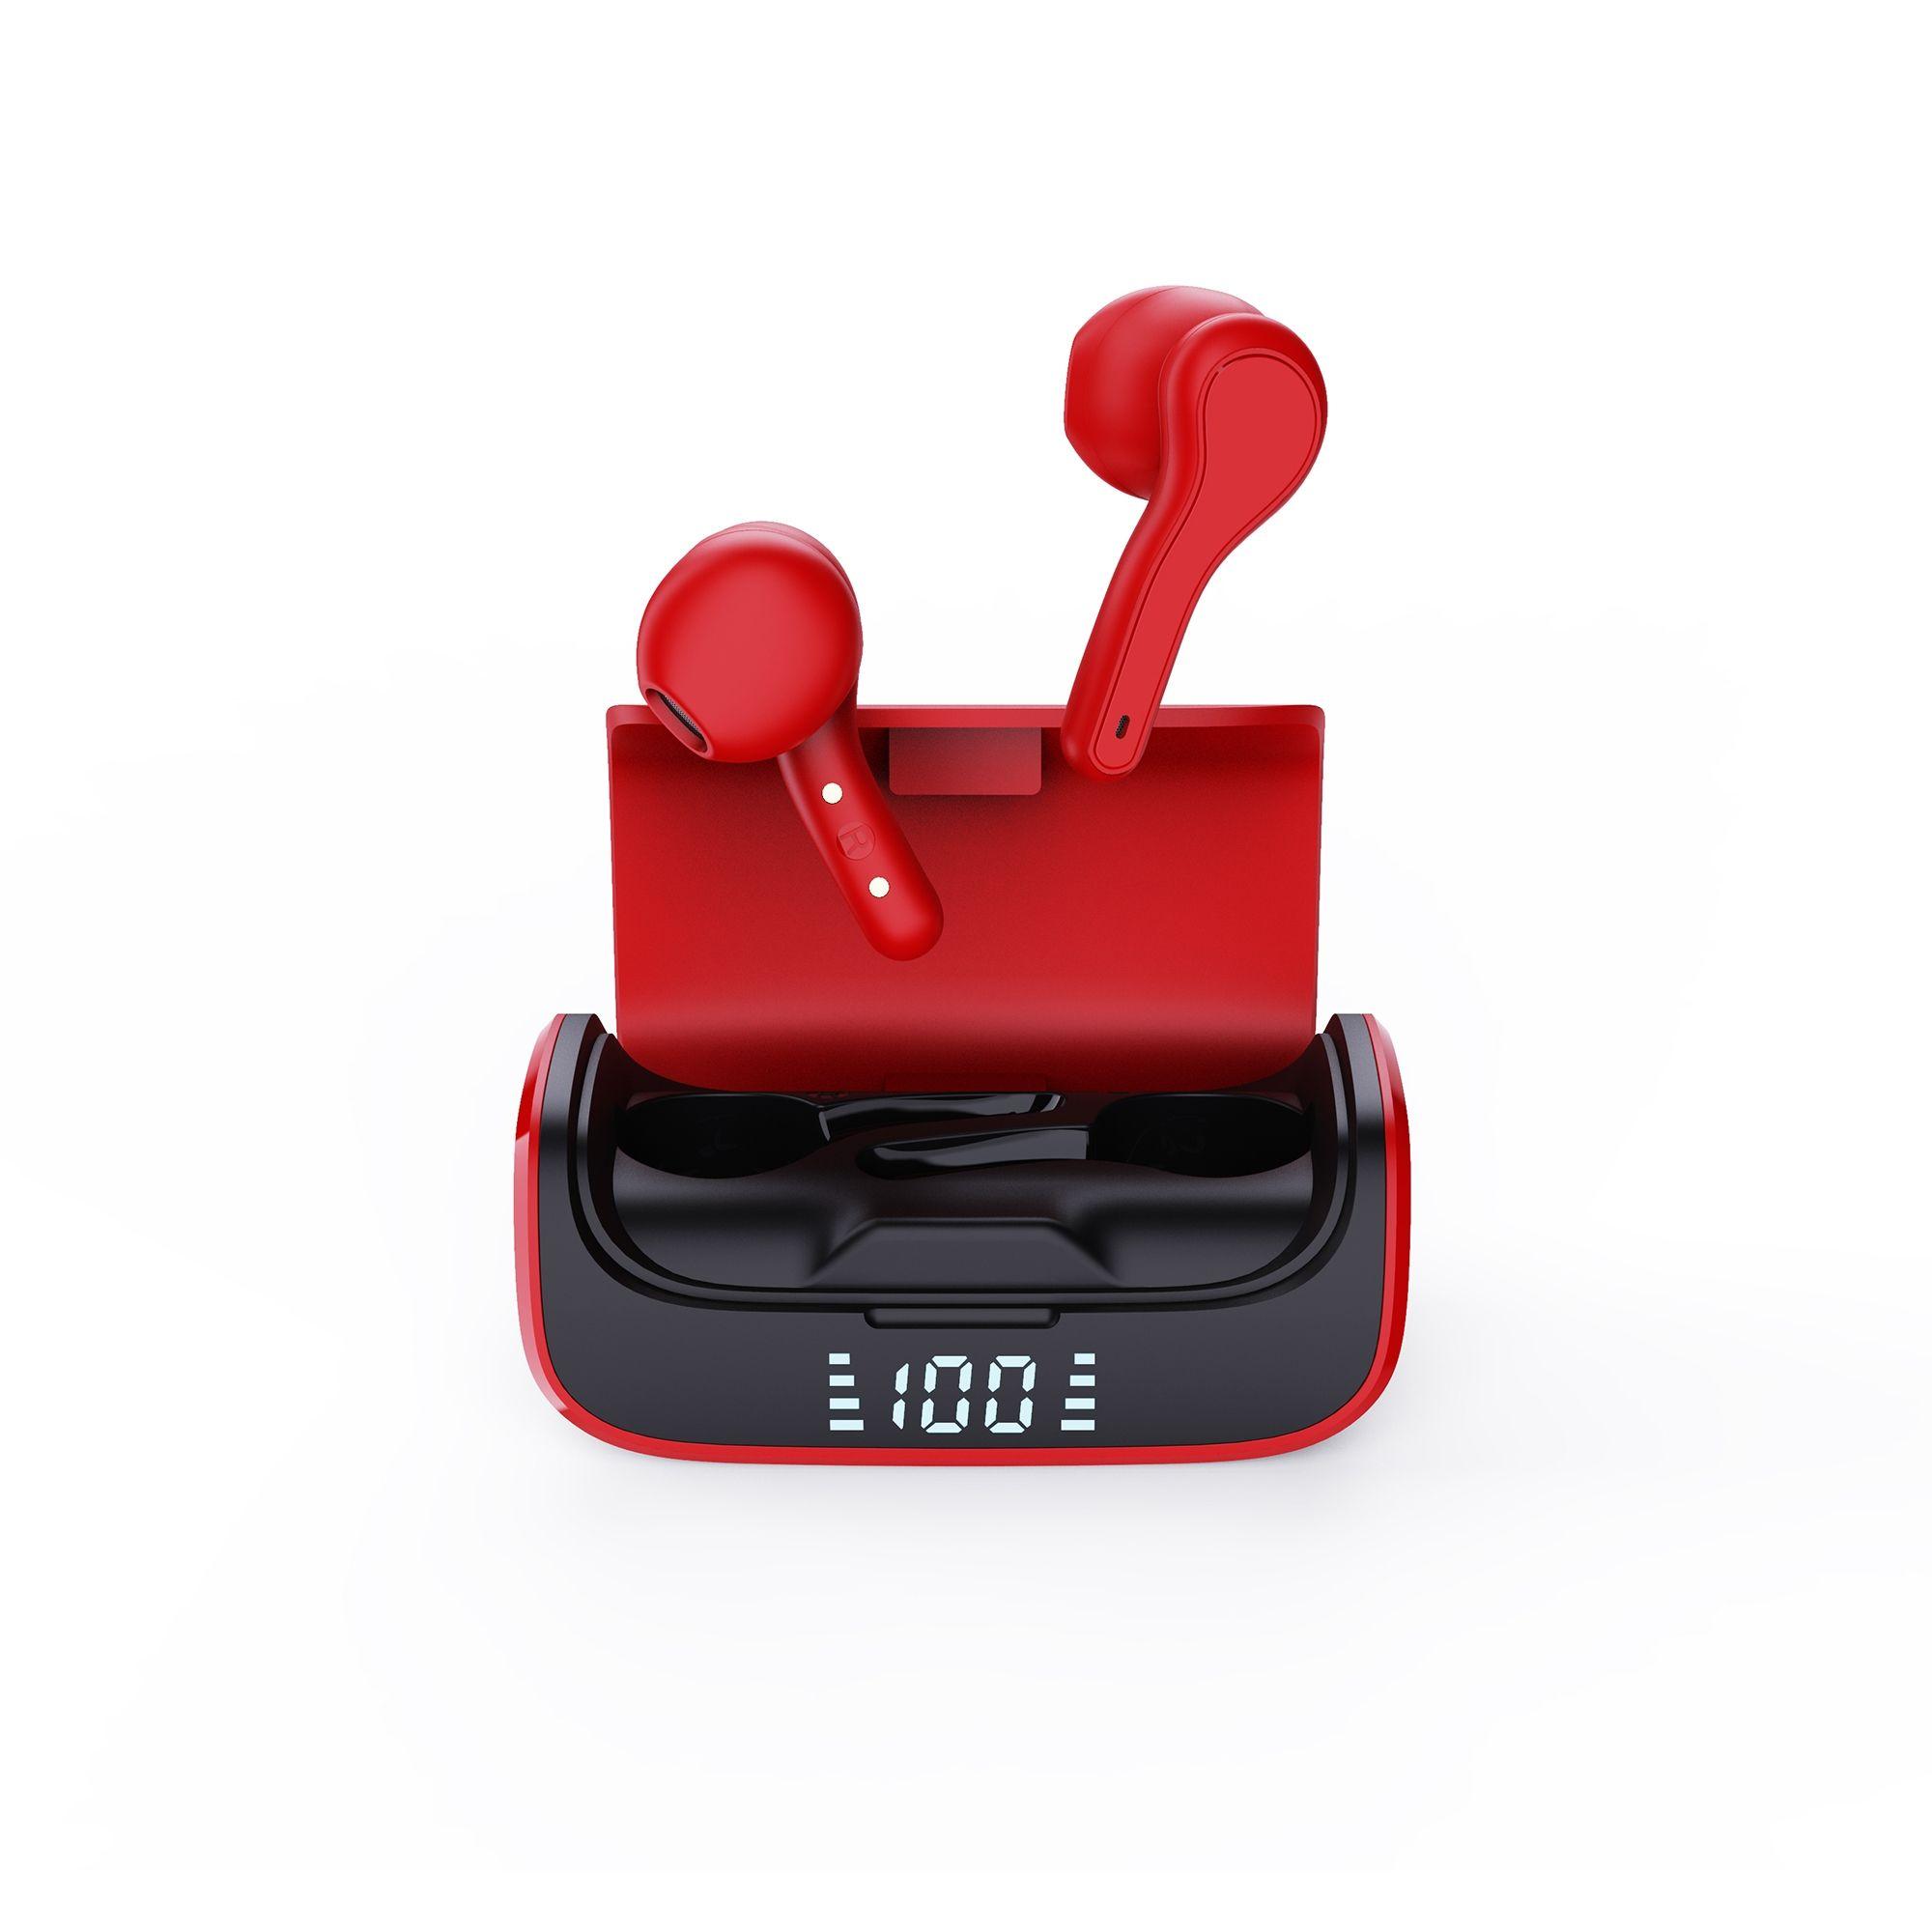 Billede af K28 Sound - Black Earbuds - Trådløse Høretelefoner med Touch funktion & opladerbox - Vandtæt / Svedsikre - Rød